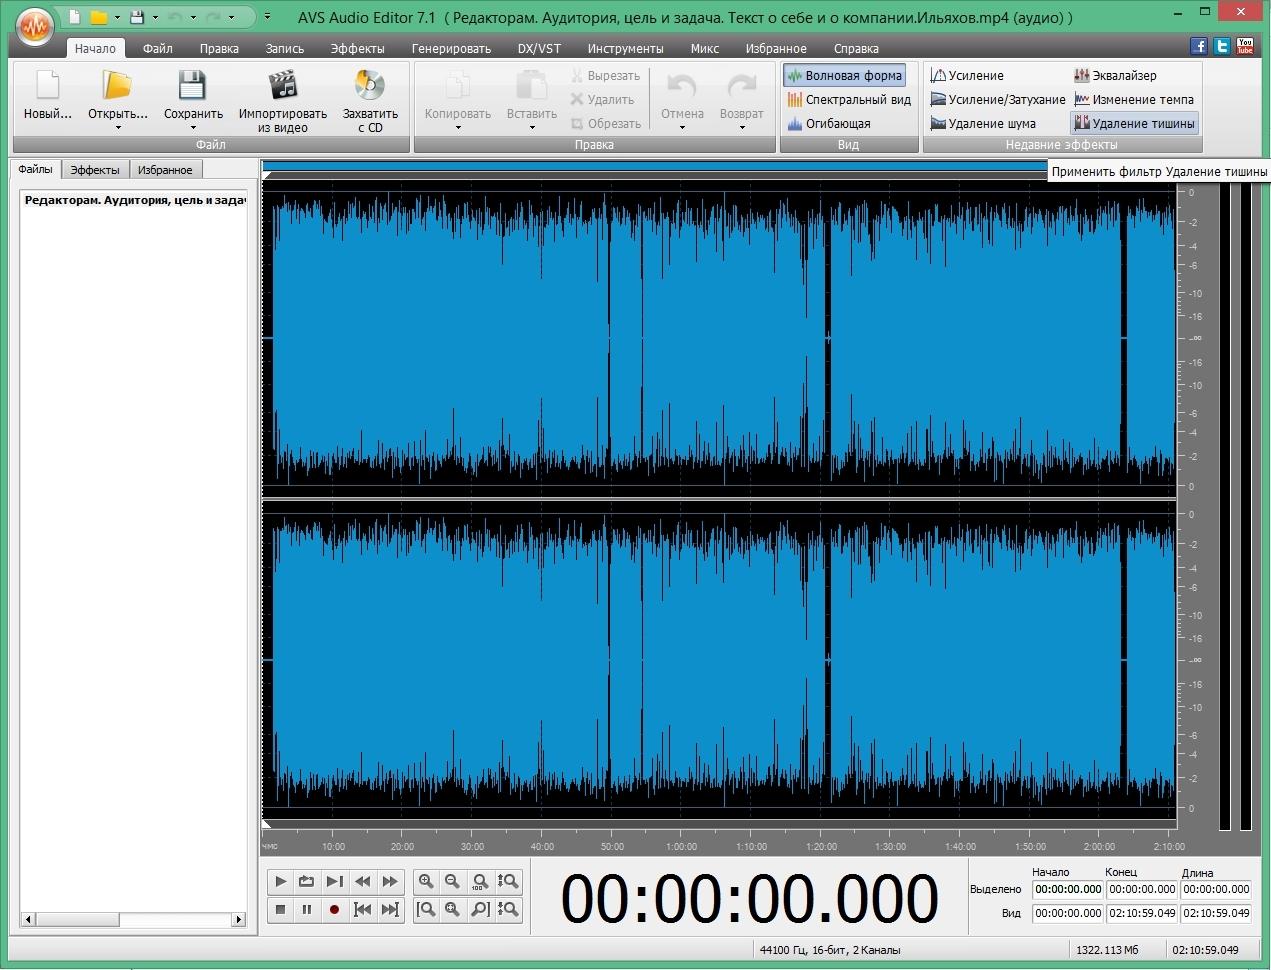 Окно программы после загрузки файла. Видны промежутки тишины.